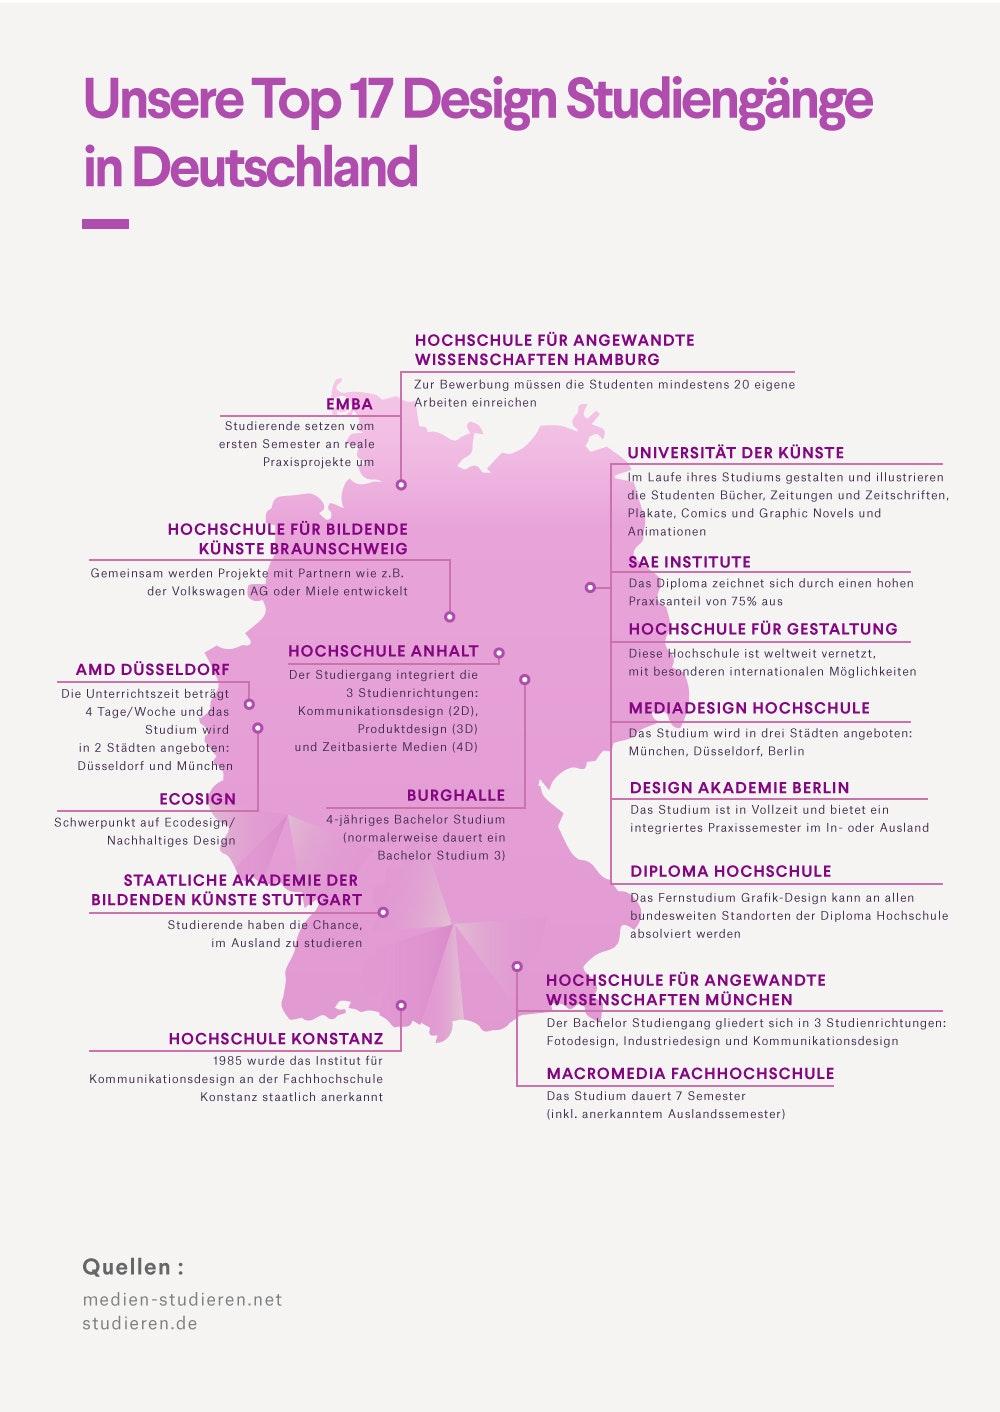 Design Studiengänge Karte